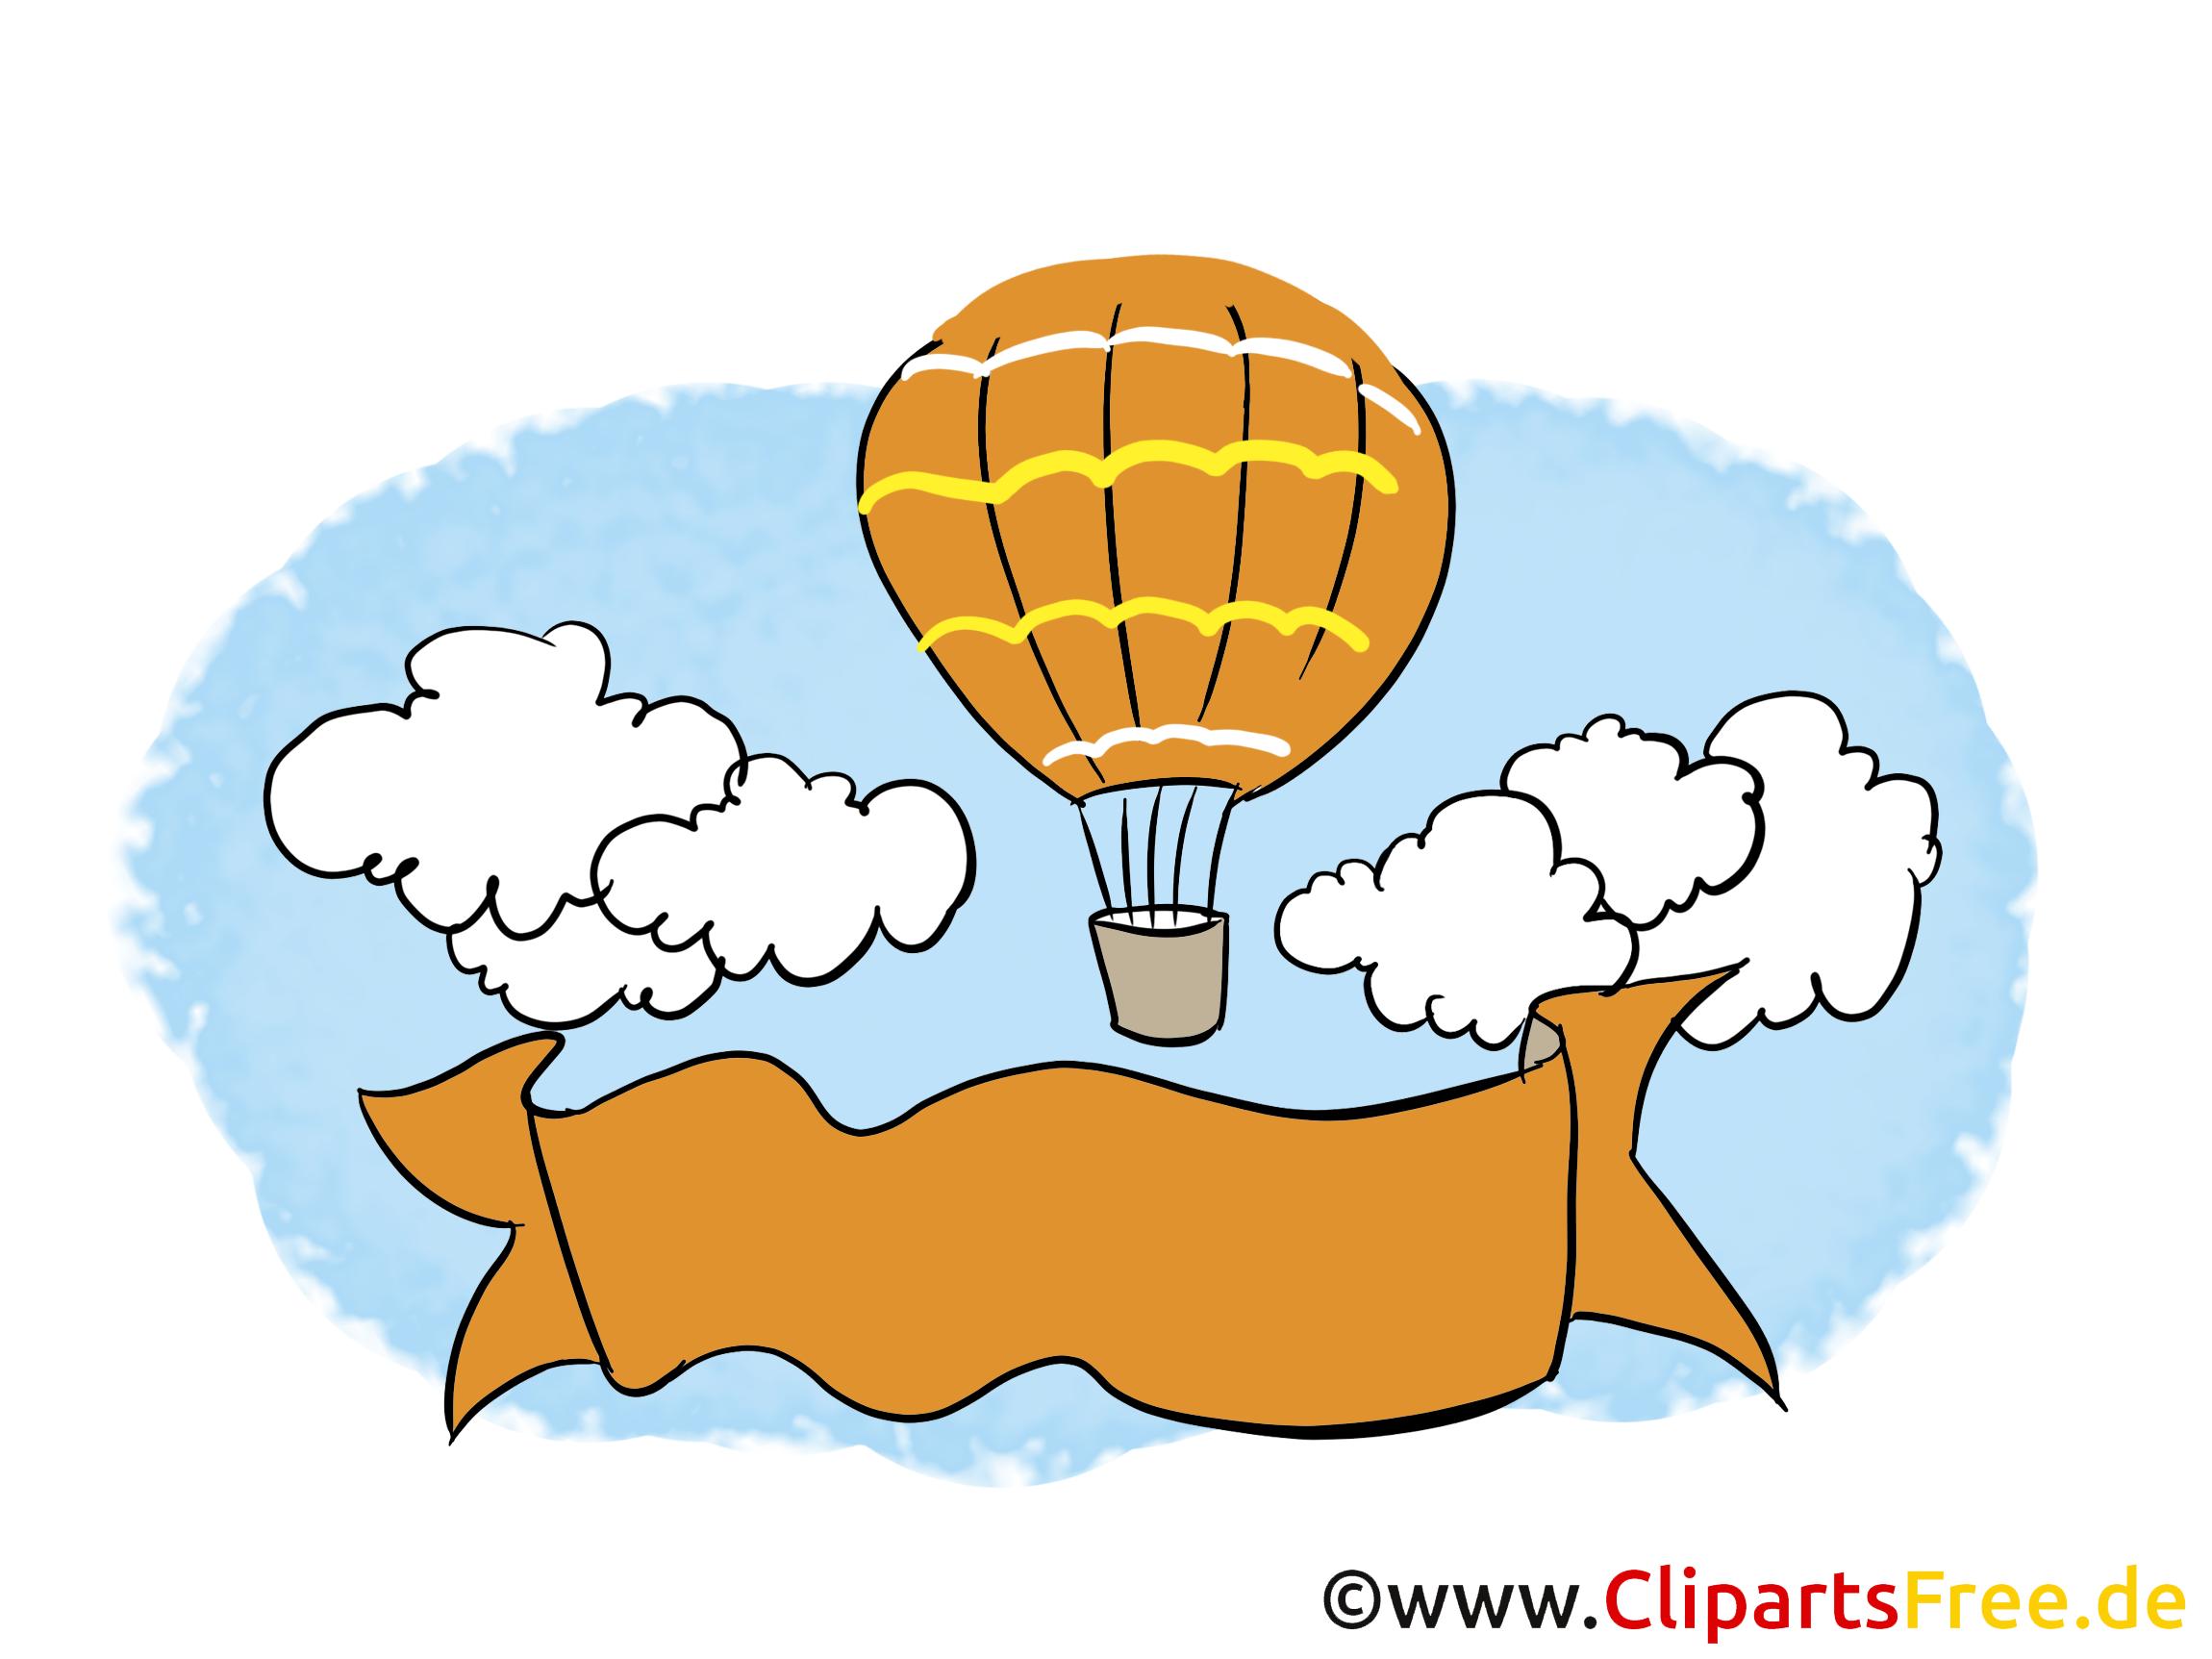 Banner zur Beschriftung Clipart, Bild, Grafik